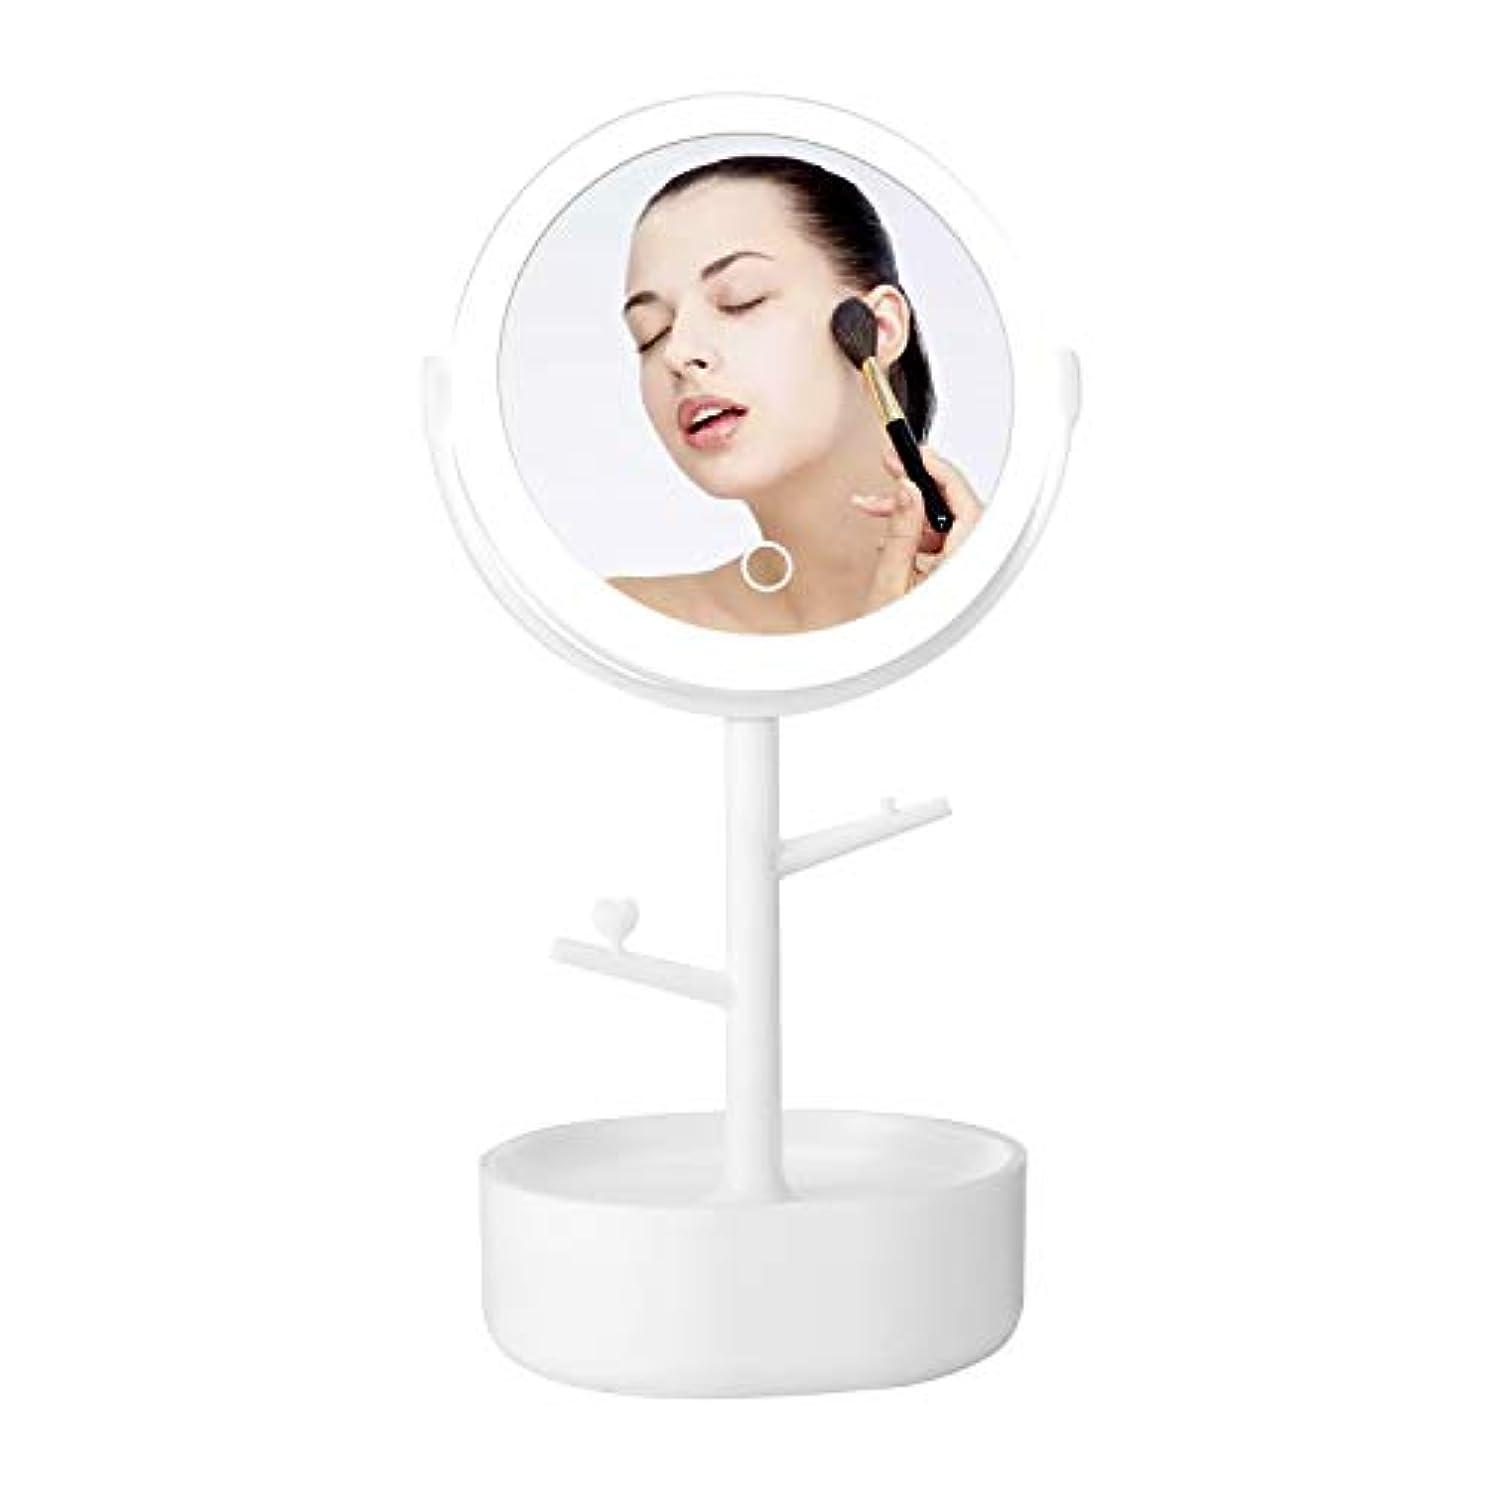 教授背骨灌漑LED化粧鏡 卓上ミラー 鏡 卓上鏡 収納ボックス付き 360度回転 充電式 サードギア明るさ調節可 USB給電(白)